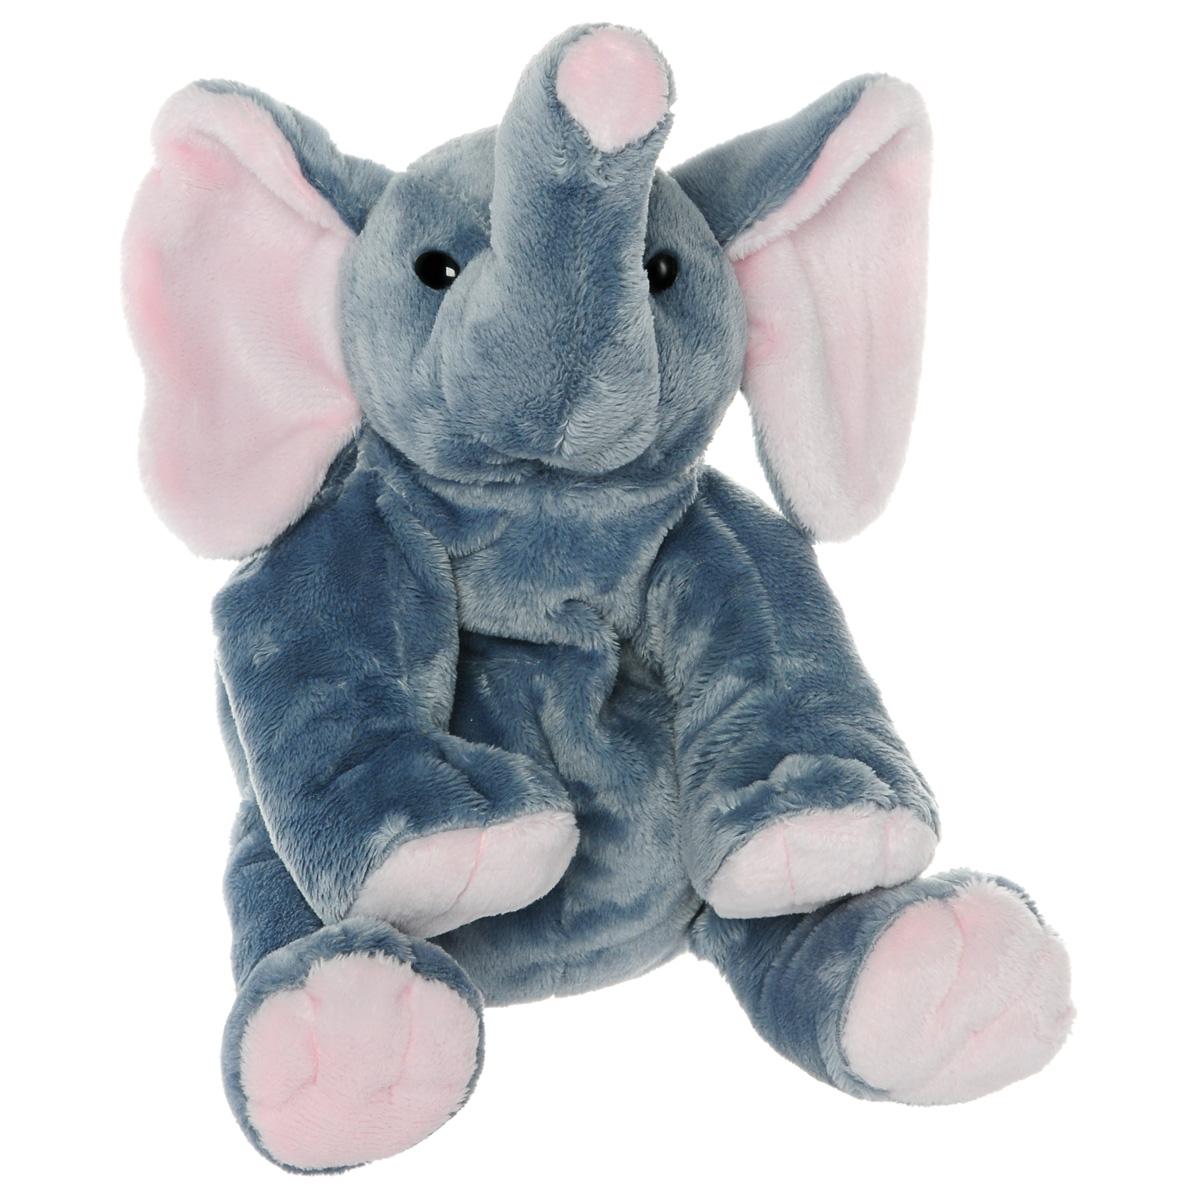 Мягкая игрушка Pluffies Cлон Winks, 15 см3229Мягкая игрушка Pluffies Cлон Winks, выполненная в виде очаровательного слоненка, непременно вызовет улыбку и симпатию и у детей, и у взрослых. Трогательный слоненок изготовлен из высококачественного мягкого текстильного материала с набивкой из синтепона. Как и все игрушки серии The Pluffies, он изготовлен вручную, с любовью и вниманием к деталям. Удивительно мягкая игрушка принесет радость и подарит своему обладателю мгновения нежных объятий и приятных воспоминаний. Специальные гранулы, используемые при ее набивке, способствуют развитию мелкой моторики рук малыша. Великолепное качество исполнения делают эту игрушку чудесным подарком к любому празднику.